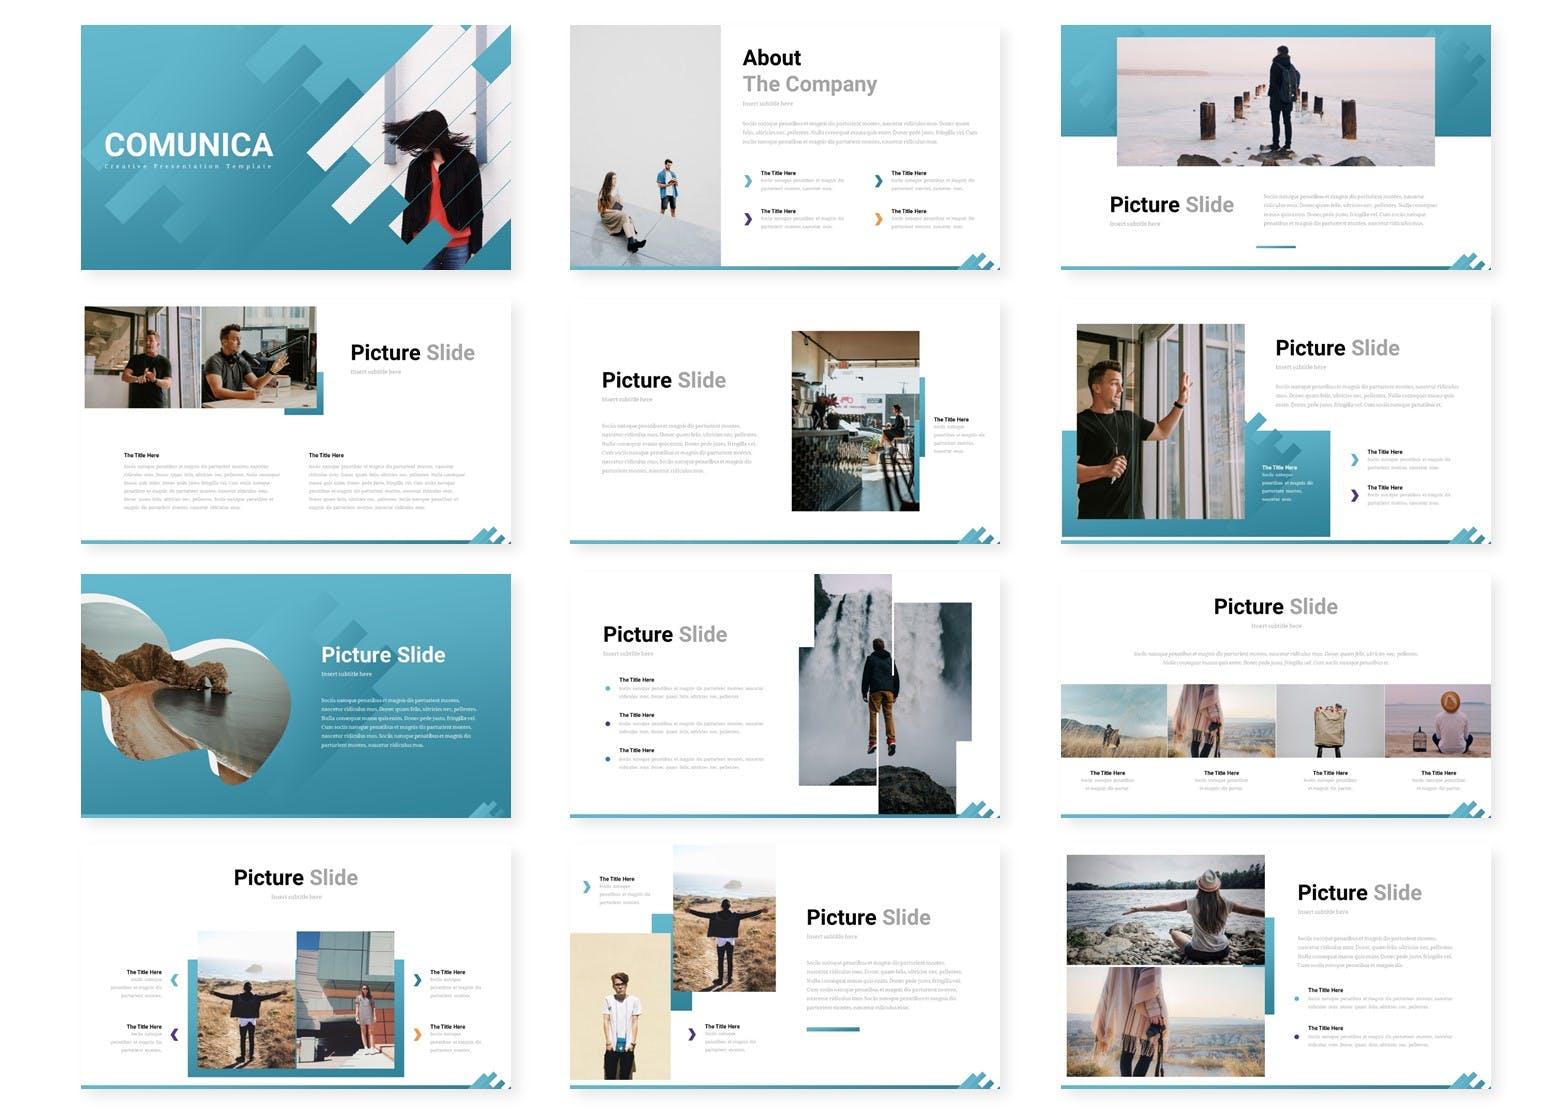 摄影/时尚/服装企业PPT幻灯片模板素材 Comunica – Powerpoint Template设计素材模板